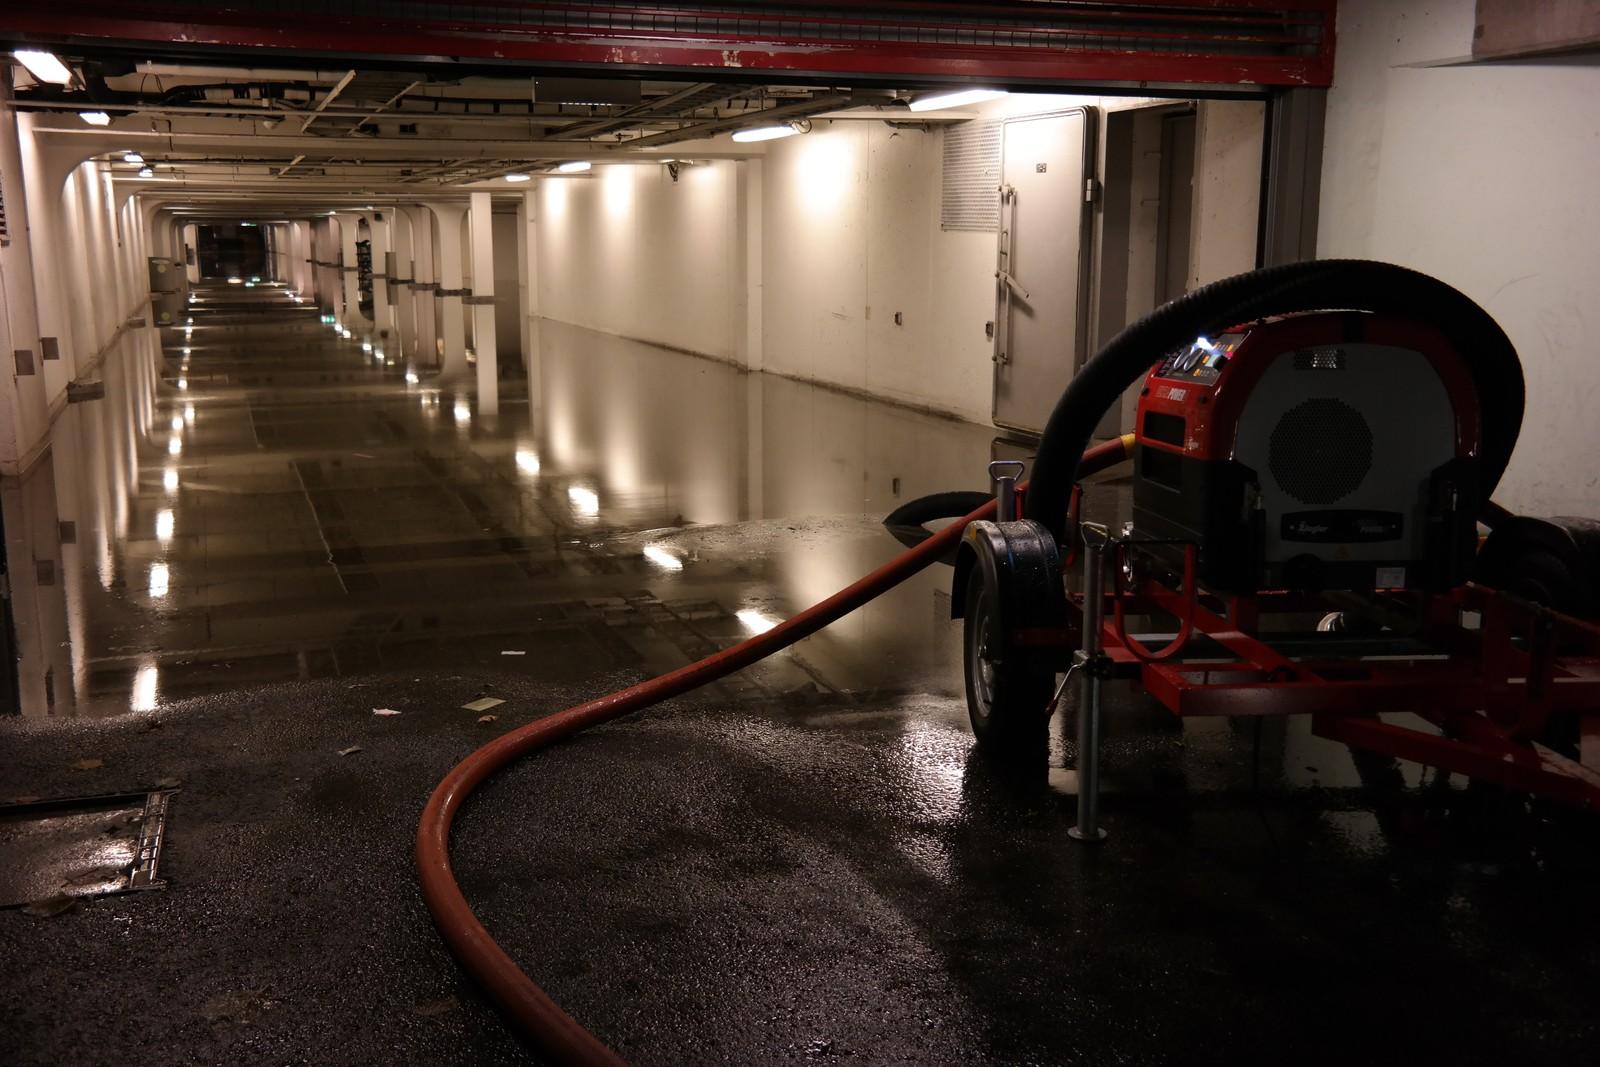 Dette synet møtte tilsette ved Åsane senter i dag tidleg. 15 centimeter med vatn over heile parkeringsanlegget under gamle Arken.